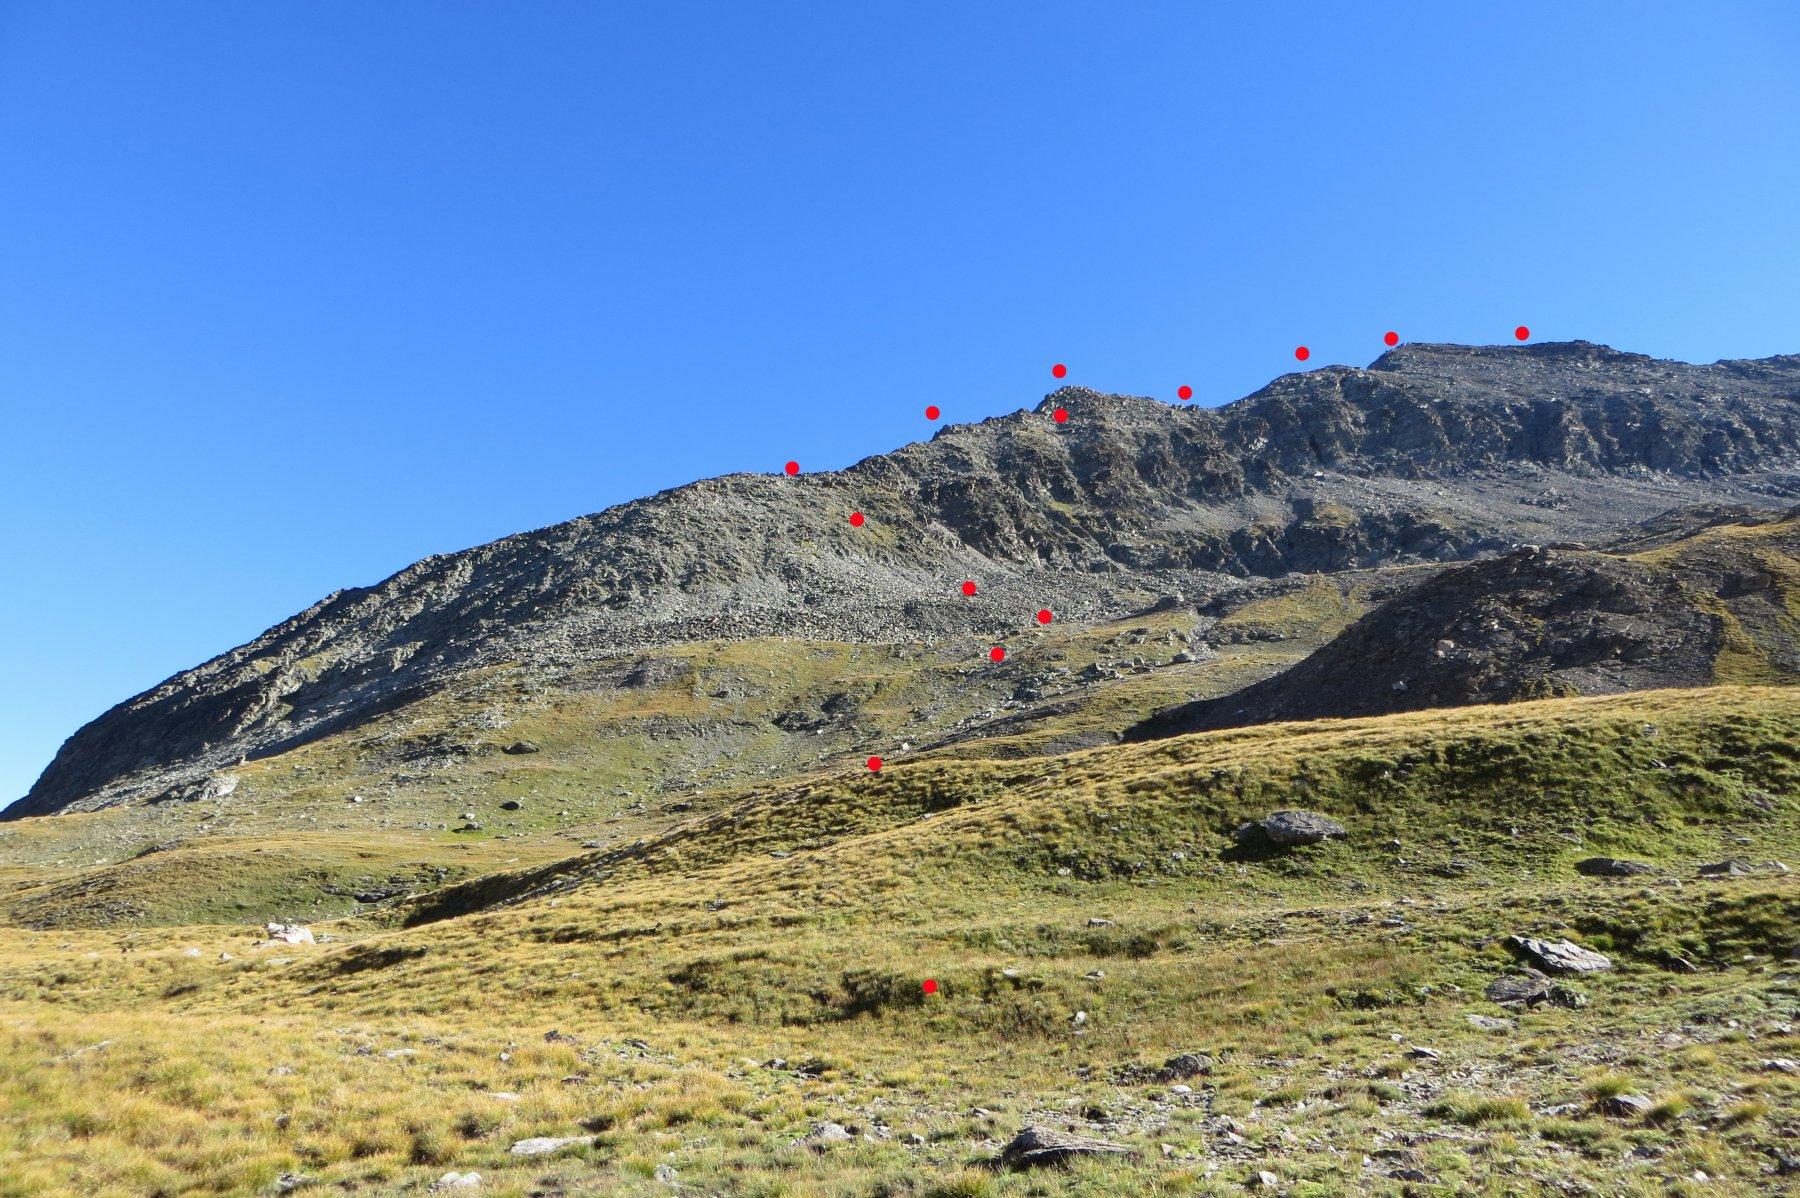 percorso per salire sulla cresta ovest